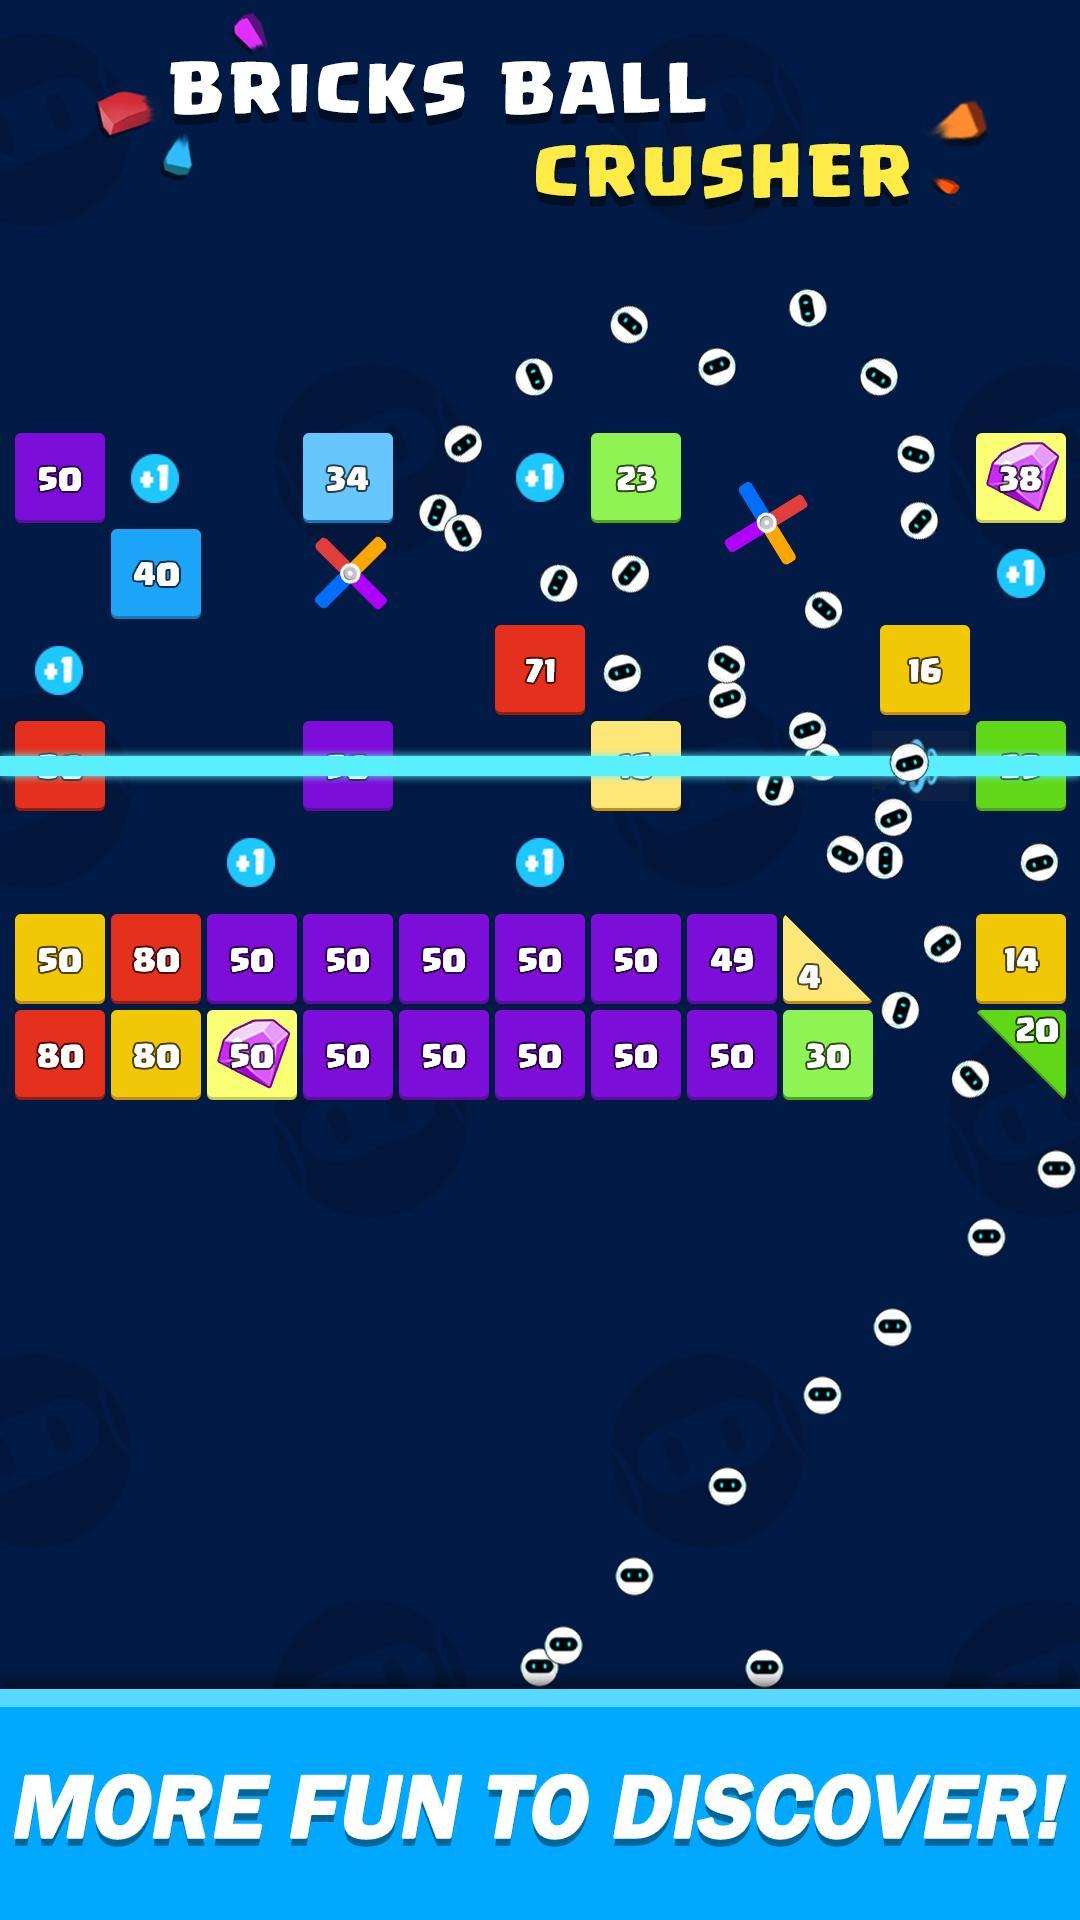 Bricks Ball Crusher 1.2.65 Screenshot 2